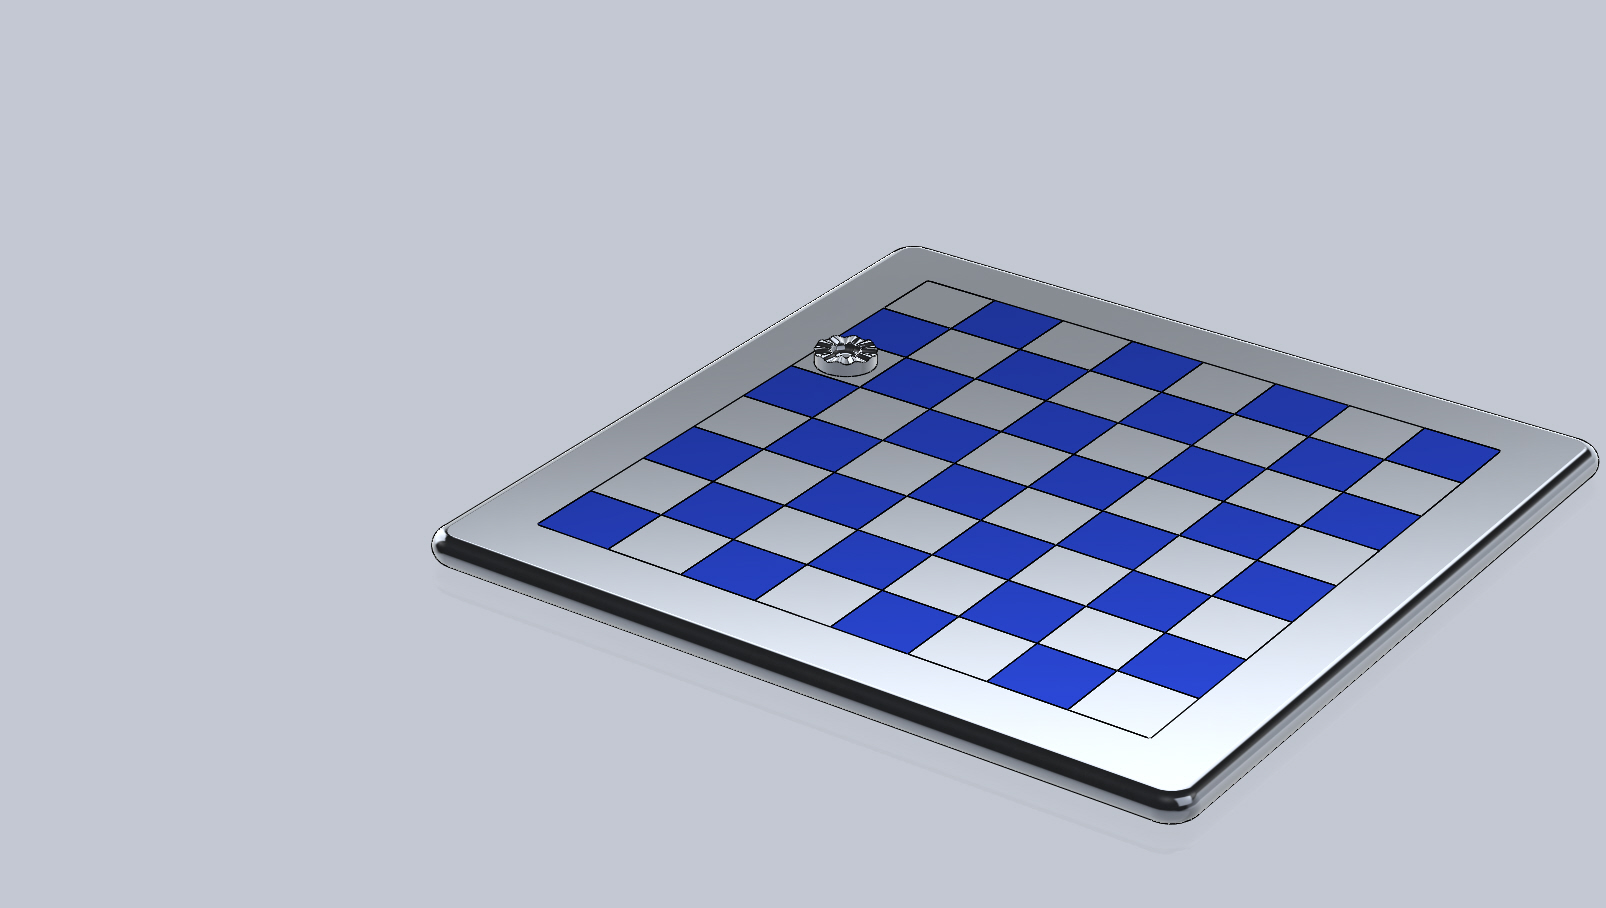 Customizable Checker Board